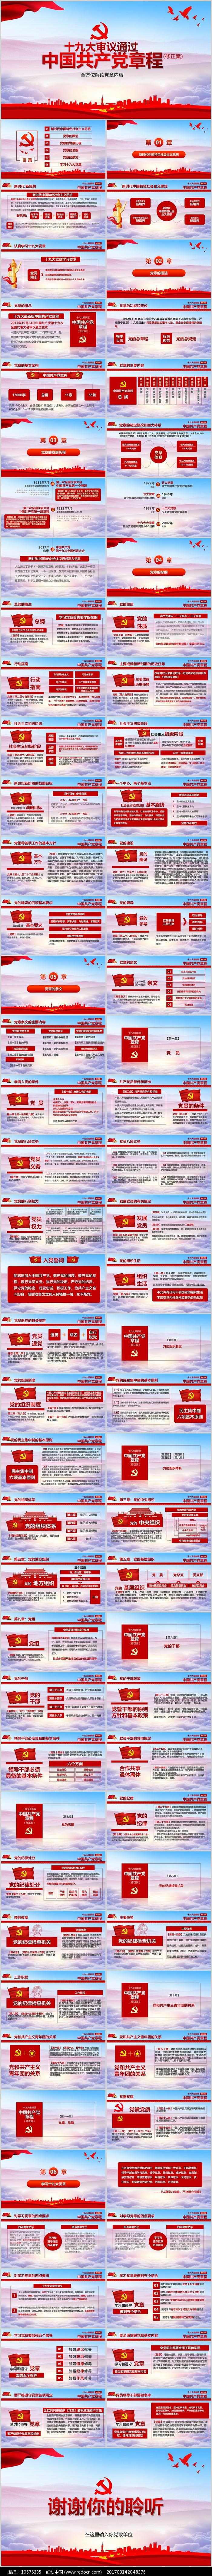 学习党的十九大党章修改内容PPT课件图片